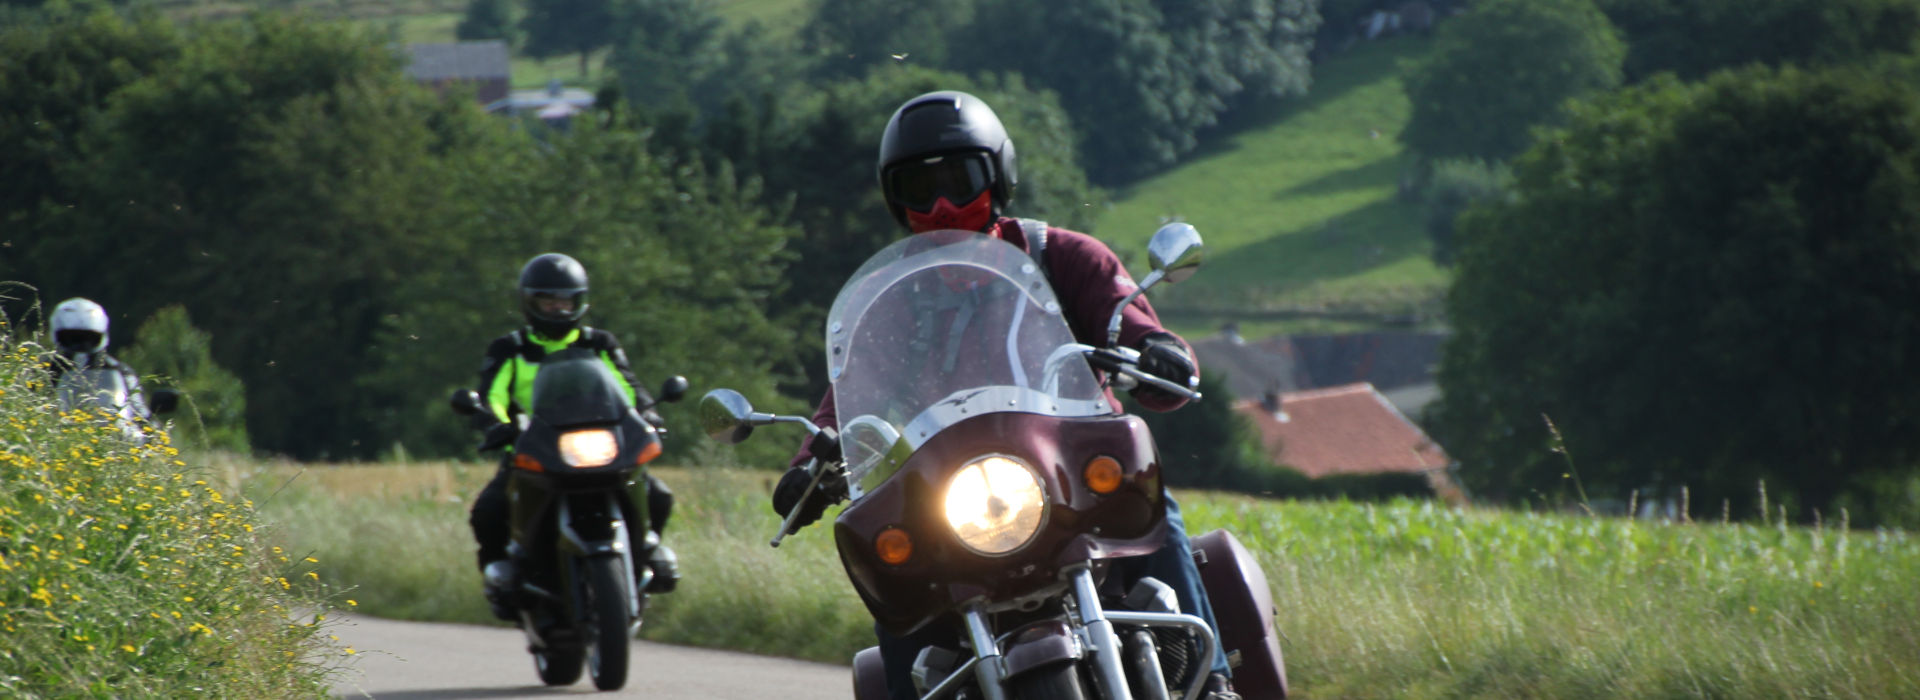 Motorrijschool Motorrijbewijspoint Oudenbosch motorrijlessen